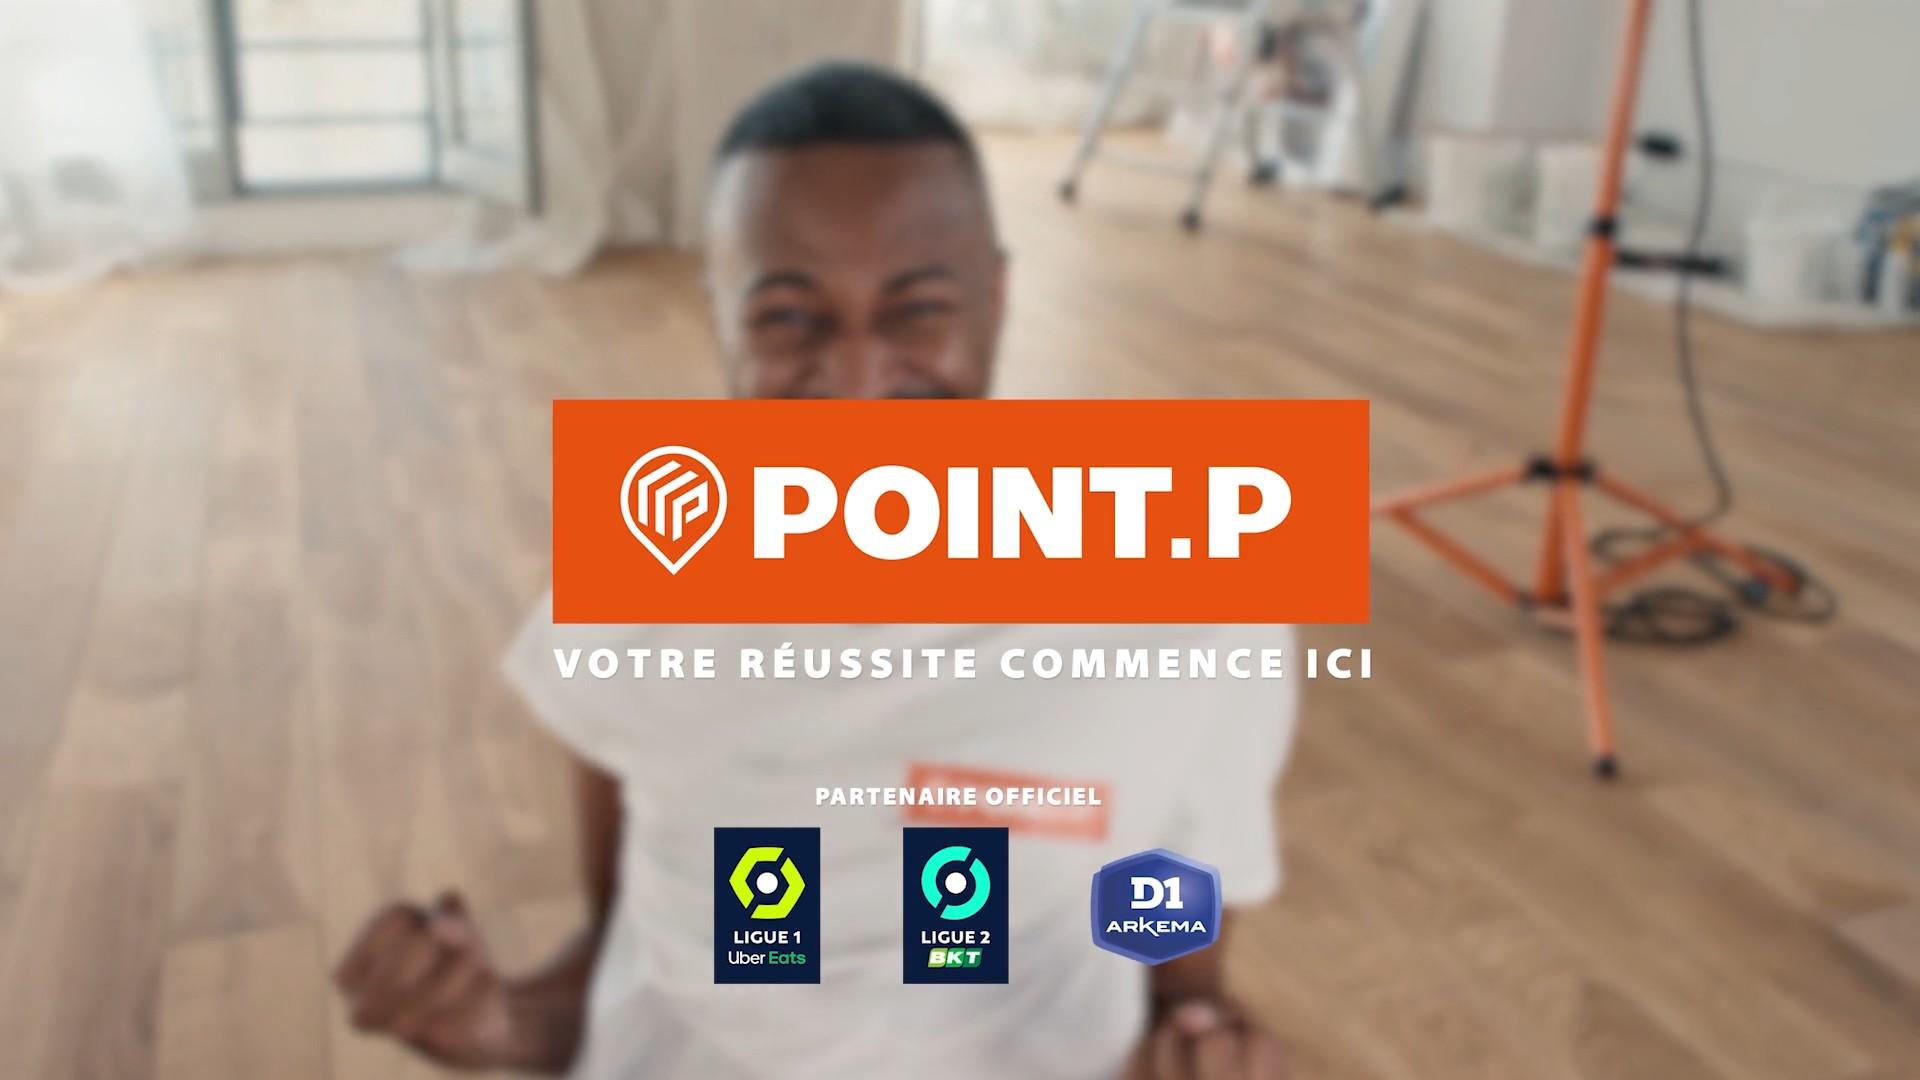 Point P x Ligue 1D1 (football) 2021